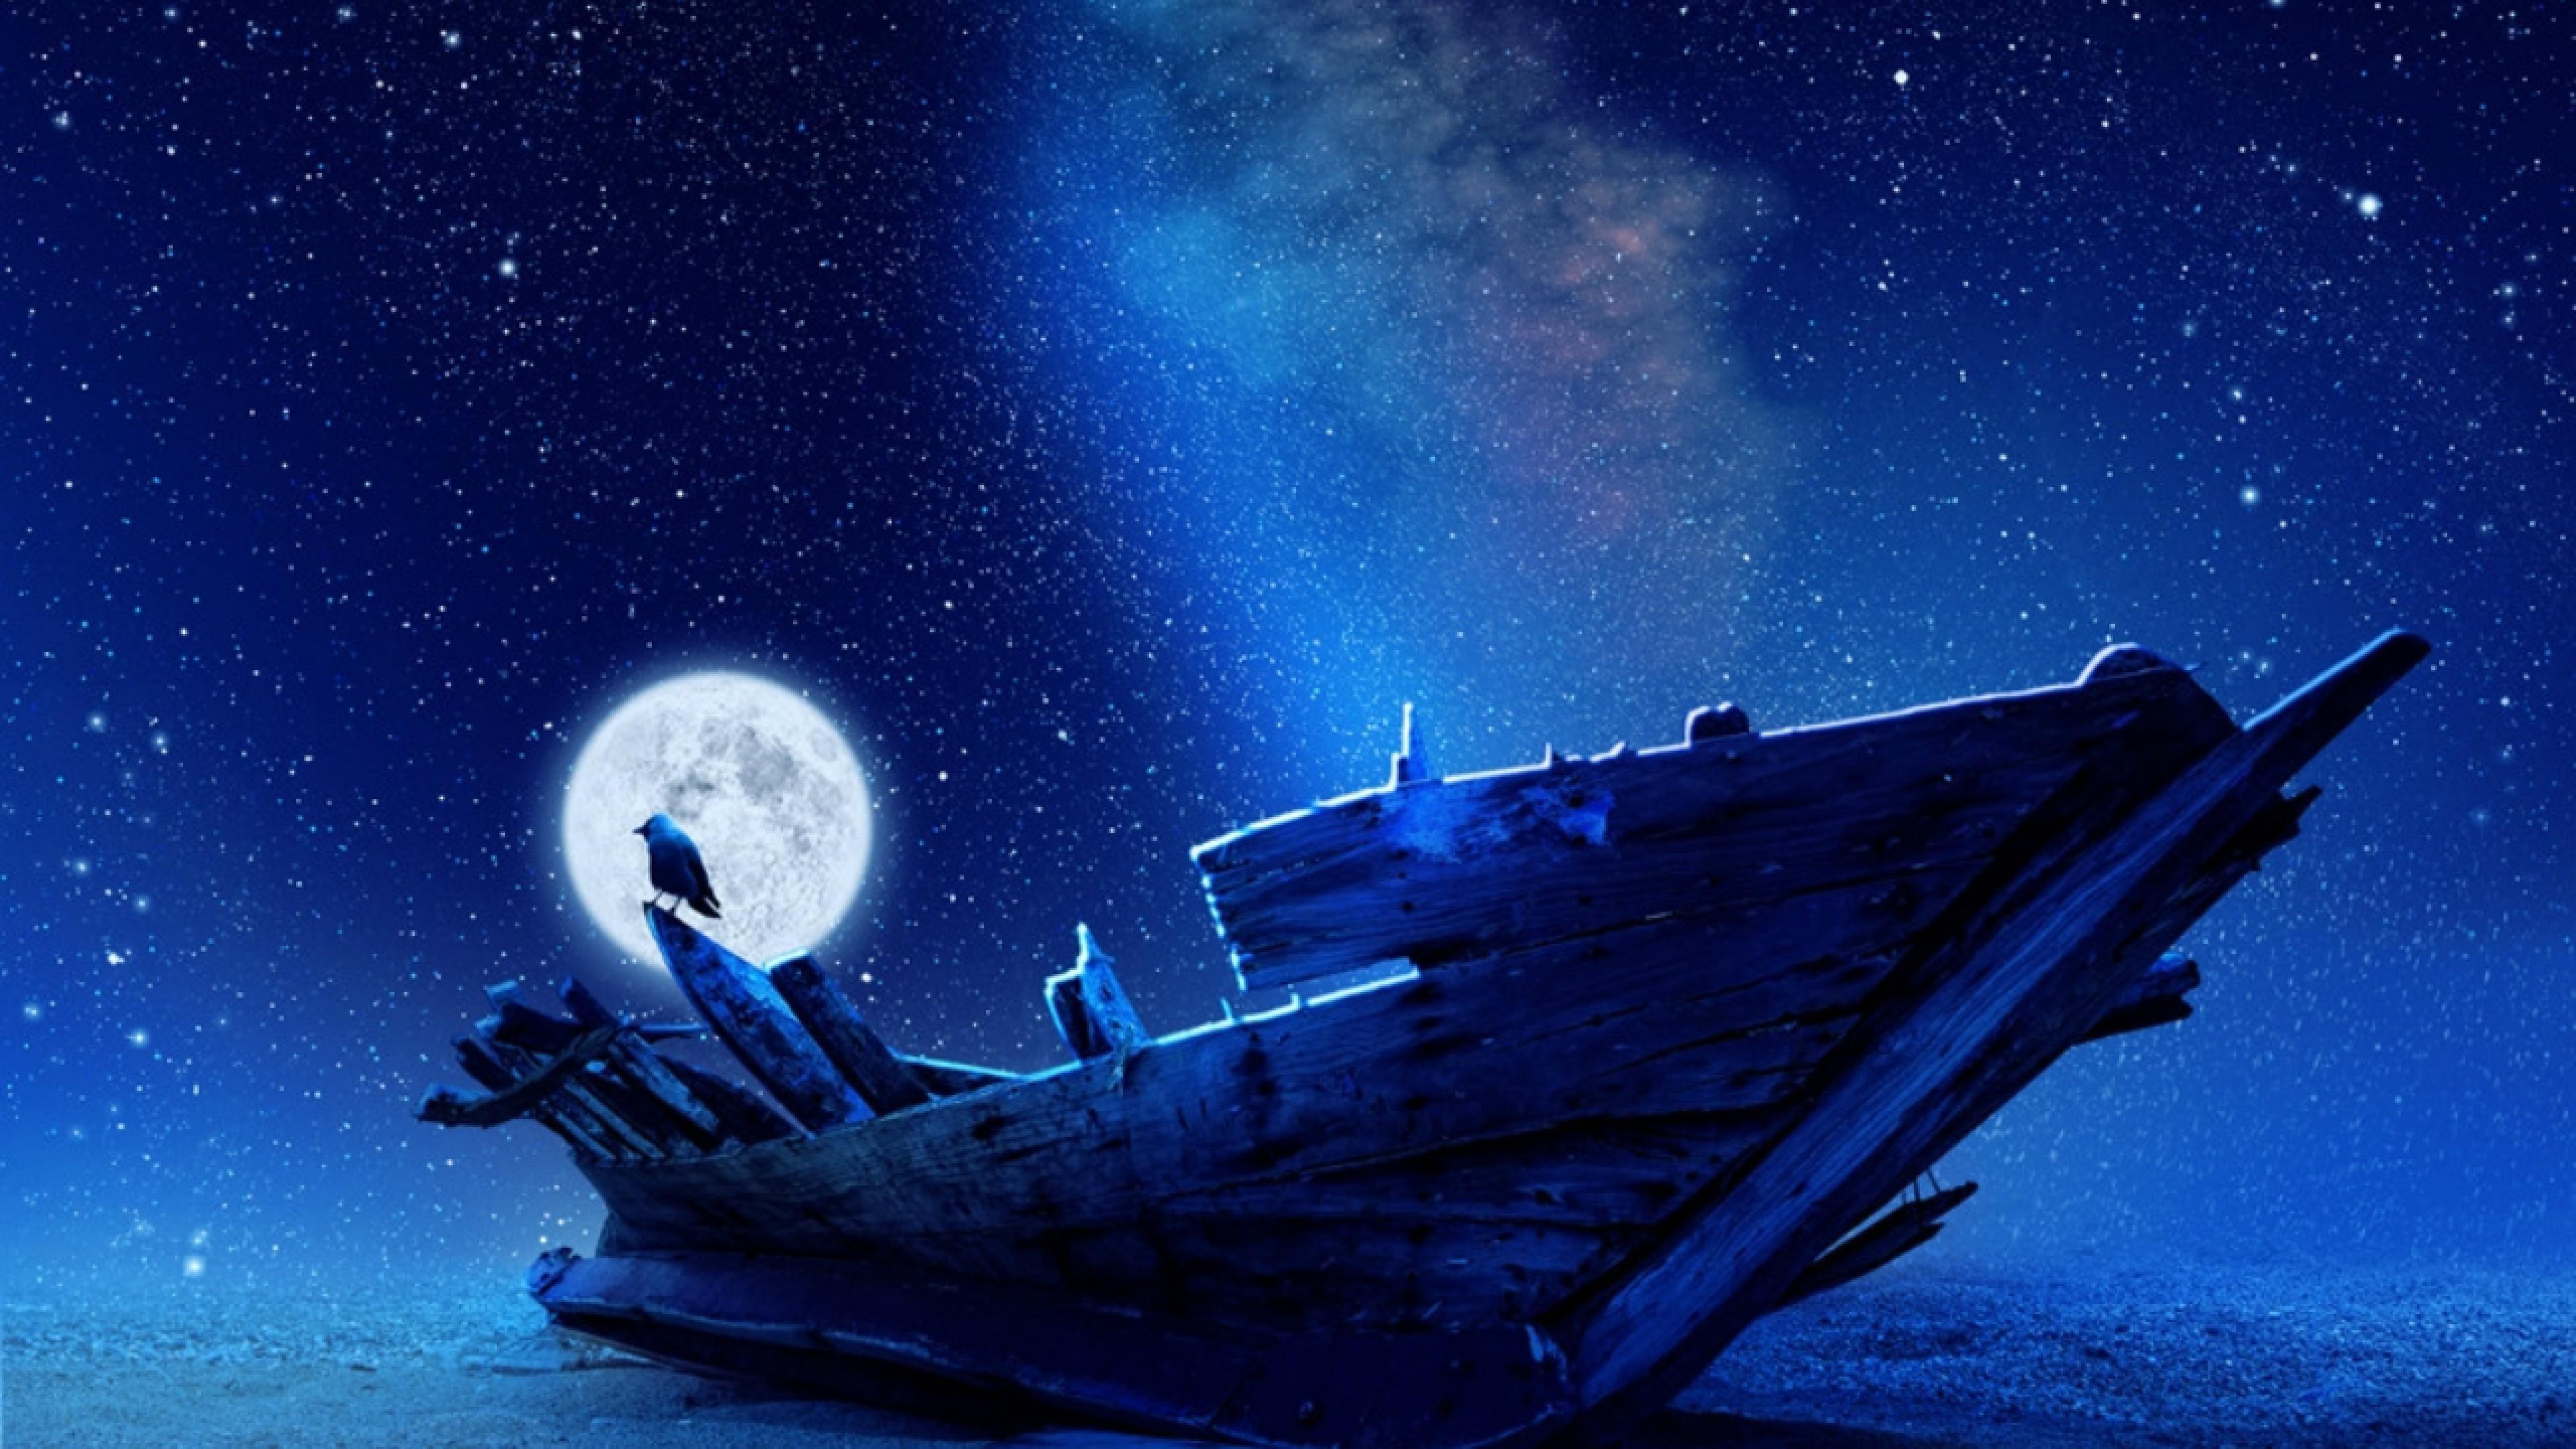 Lovely Moonlight Shining At Night Old Ship Sea Moon Night Wallpaper Uhd 4k Wallpaper Imgpile